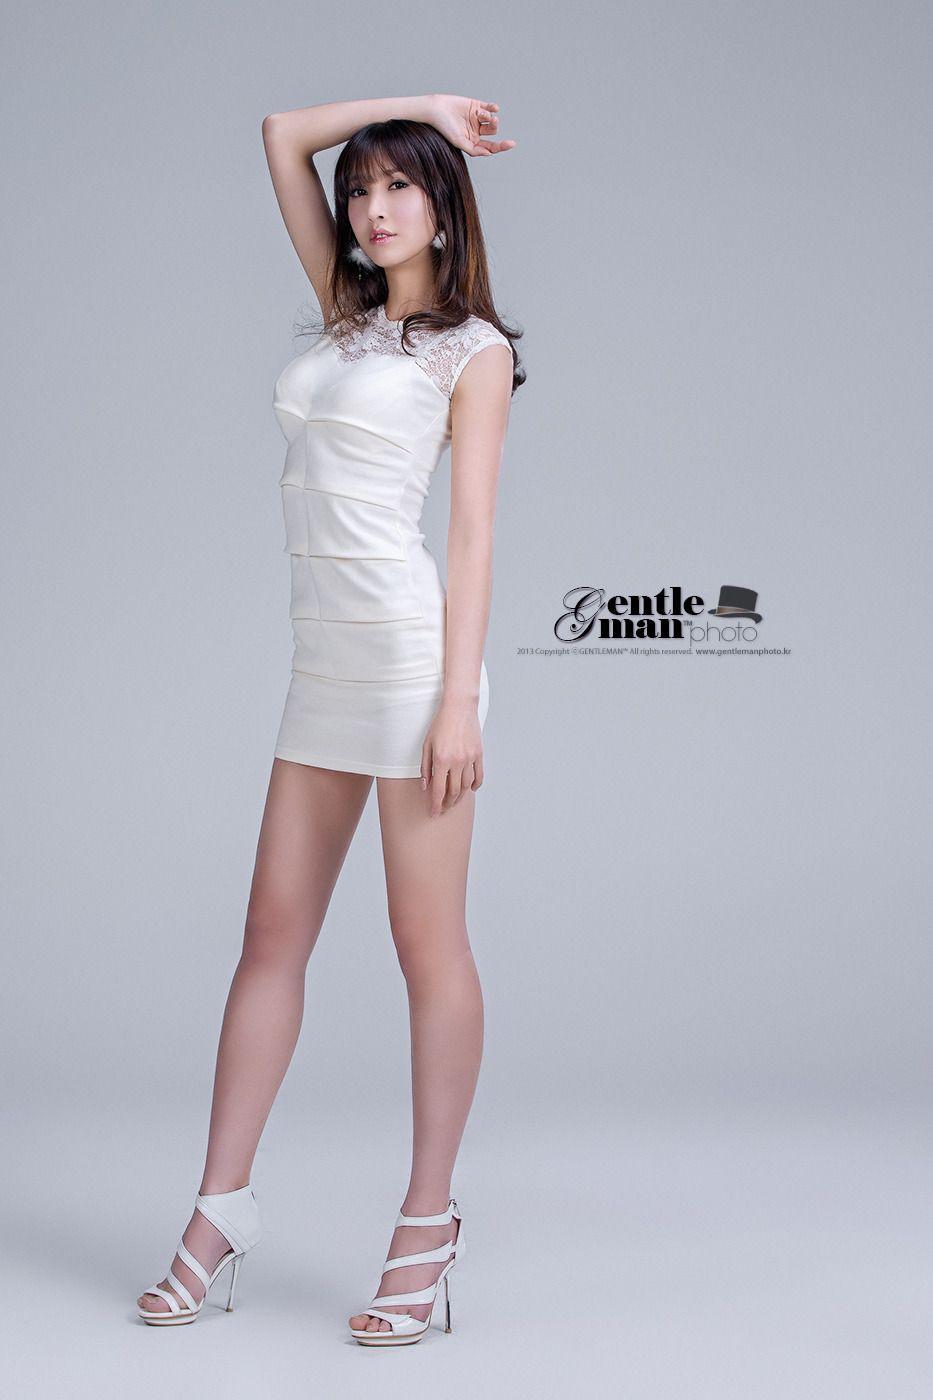 Shin Sun Ah